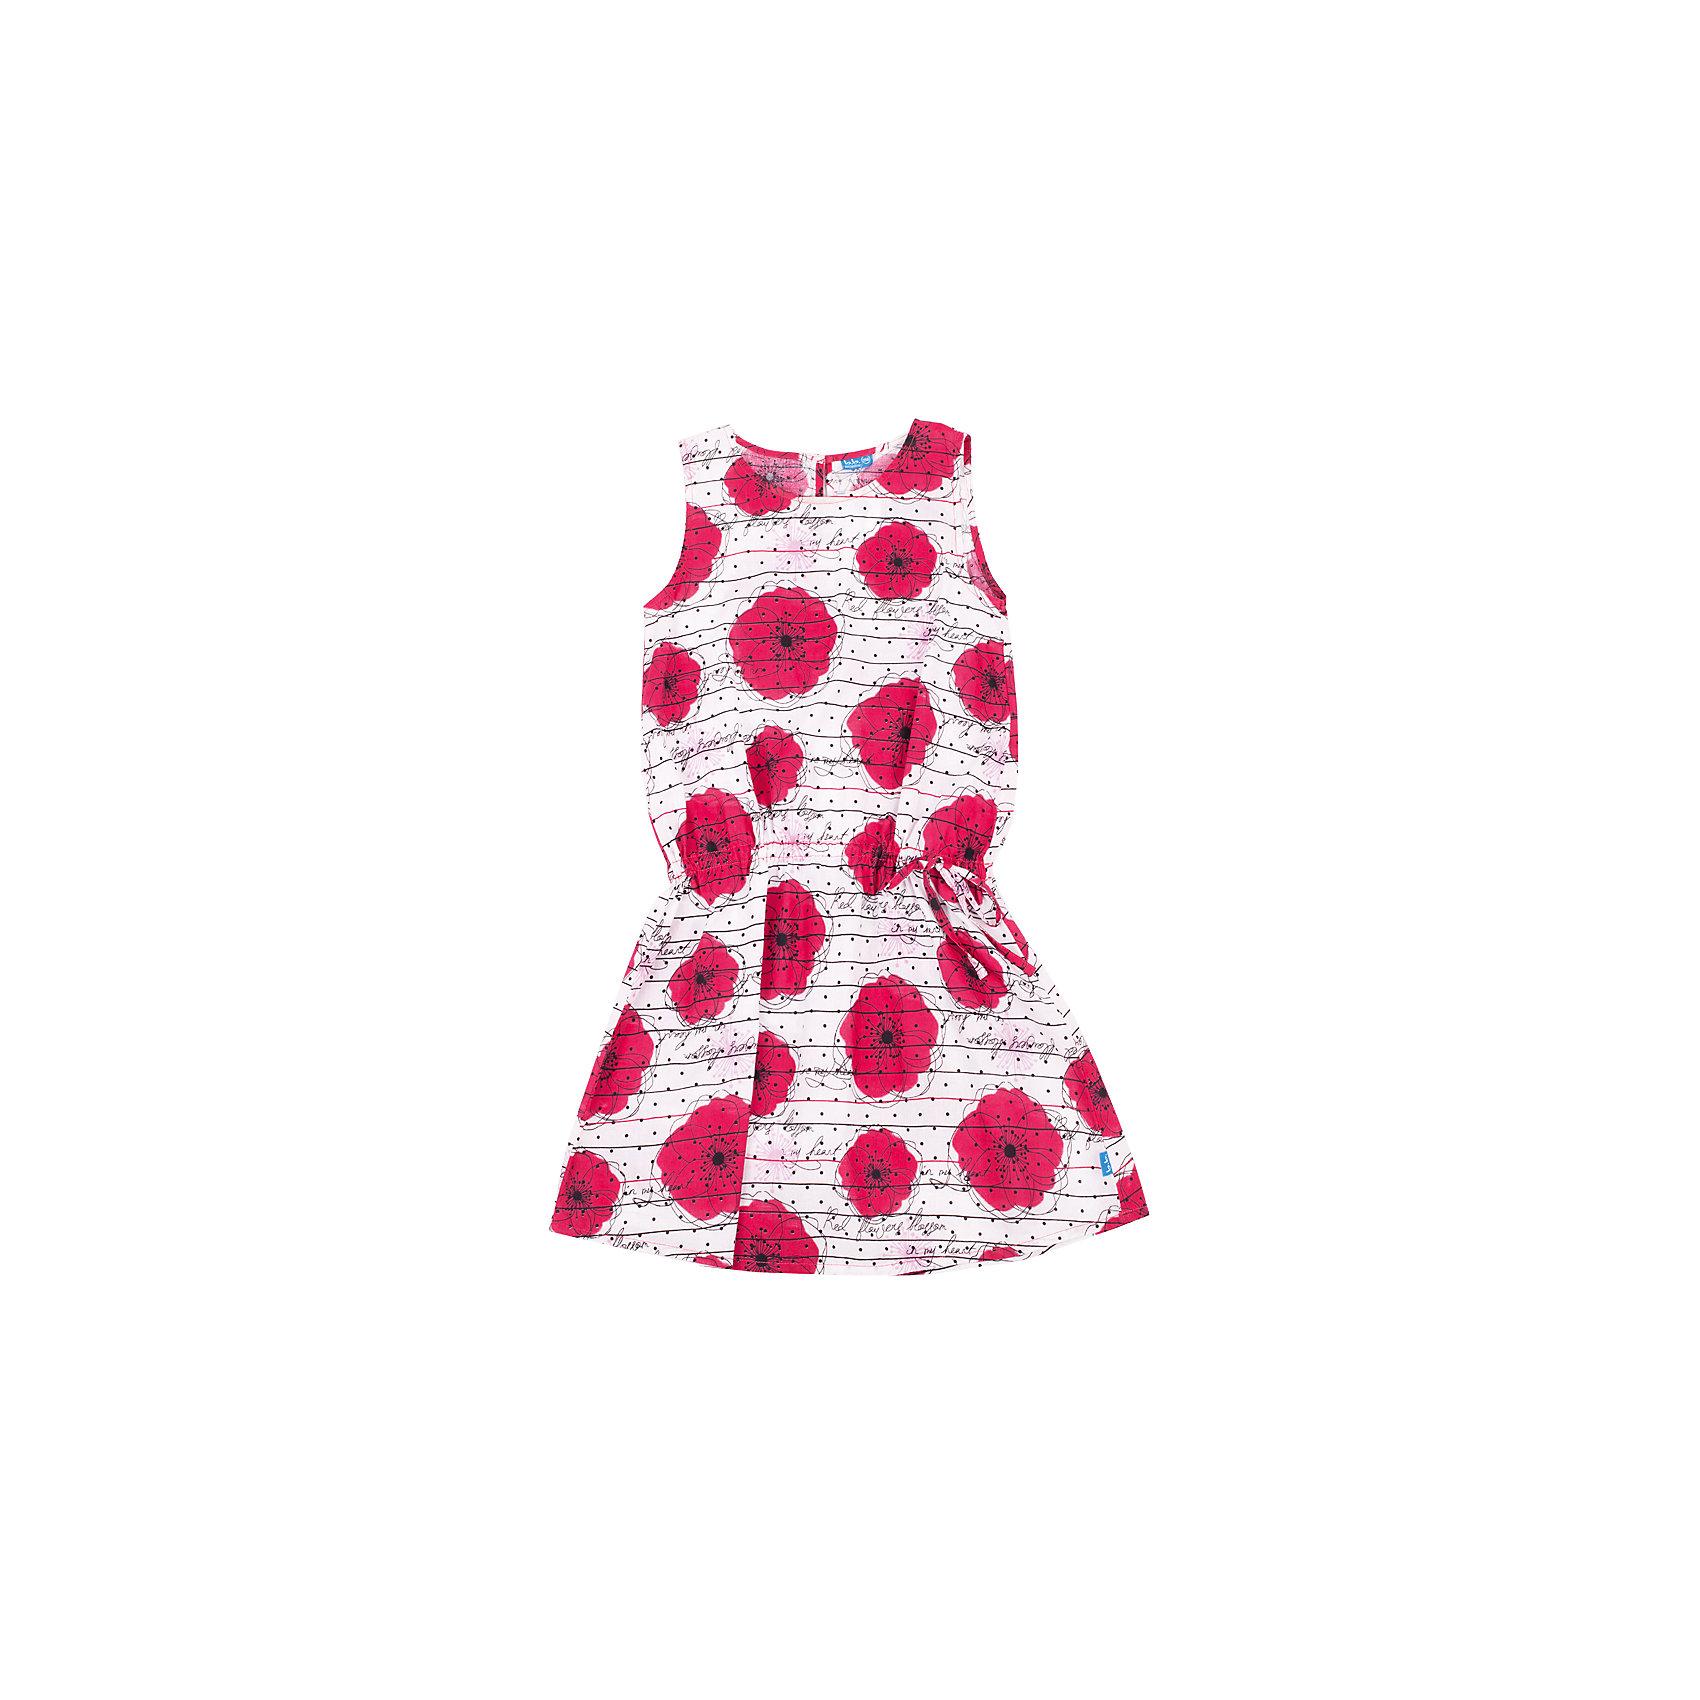 Платье для девочки Button BlueПлатья и сарафаны<br>Прекрасный летний вариант - платье без рукавов в крупный оригинальный цветок. Модный силуэт, комфортная форма, доступная цена делают платье для девочки отличным решением для каждого дня лета. Купить детское платье Button Blue, значит, купить яркое летнее платье недорого и быстро, не сомневаясь в его качестве и комфорте.<br>Состав:<br>100%хлопок<br><br>Ширина мм: 236<br>Глубина мм: 16<br>Высота мм: 184<br>Вес г: 177<br>Цвет: разноцветный<br>Возраст от месяцев: 96<br>Возраст до месяцев: 108<br>Пол: Женский<br>Возраст: Детский<br>Размер: 134,158,146,152,128,140<br>SKU: 4510772